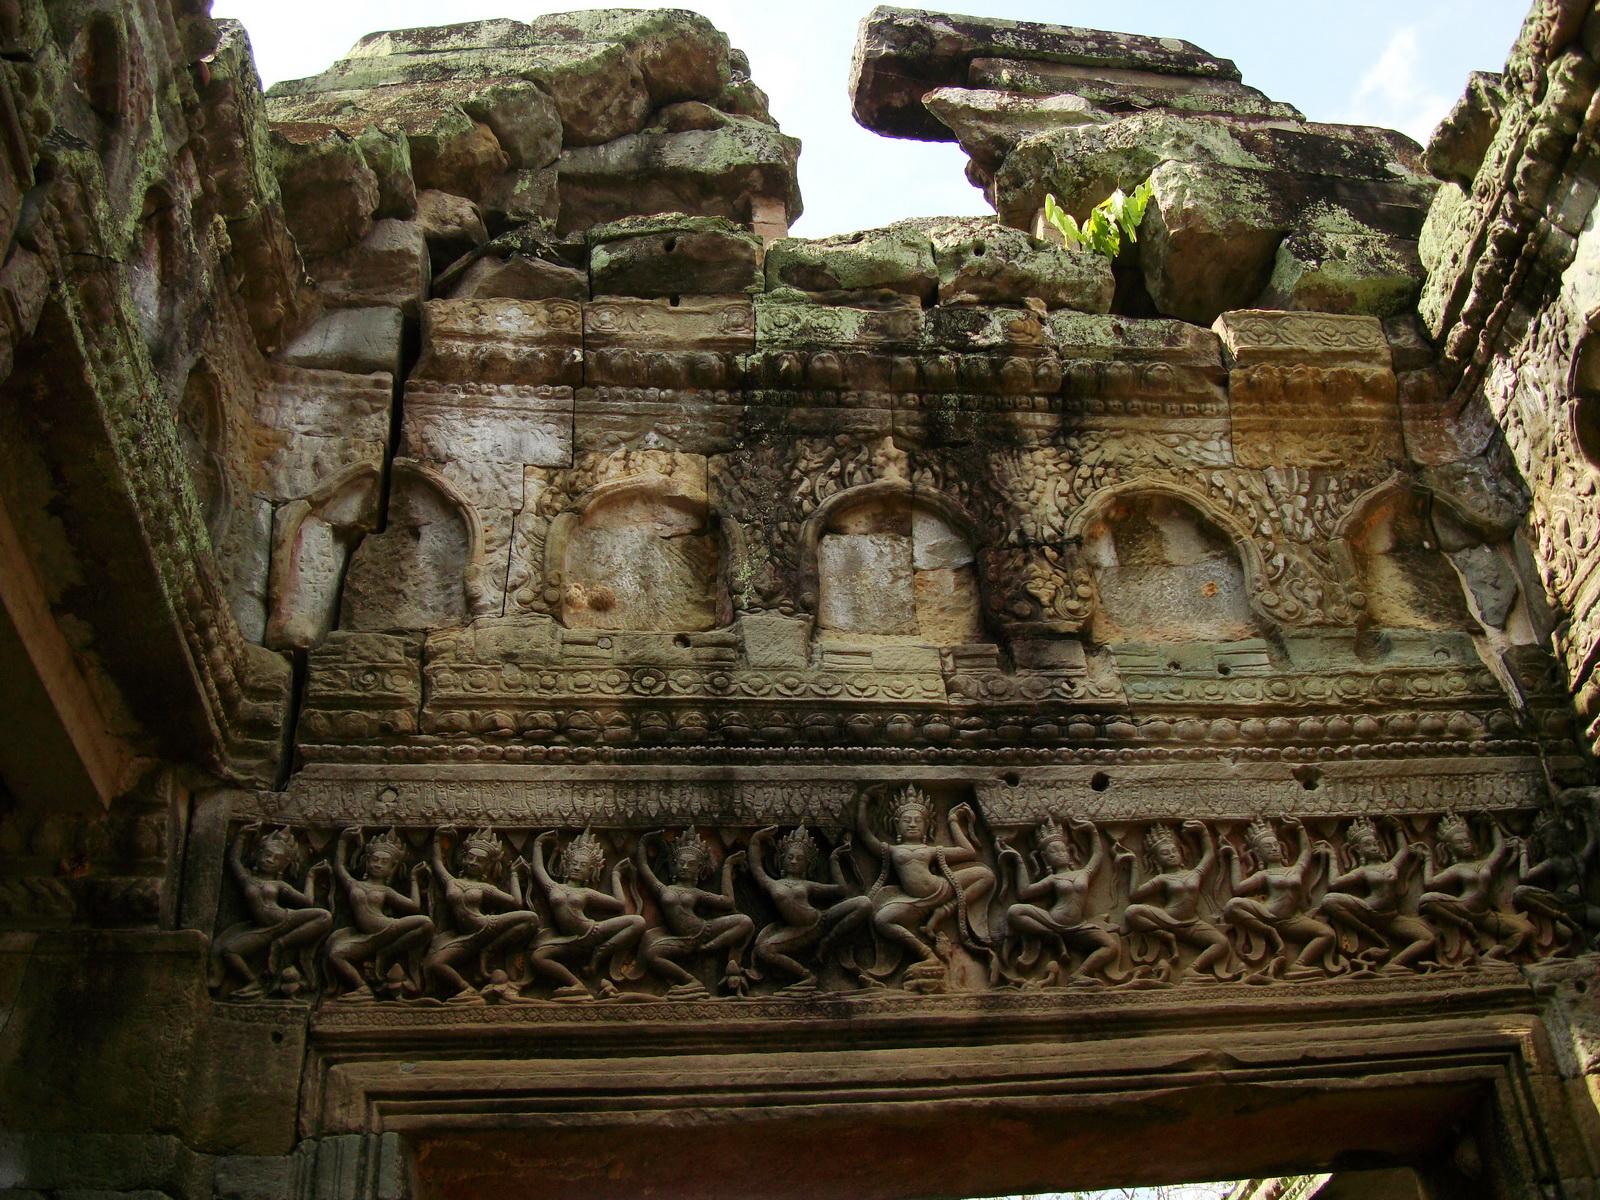 Preah Khan Temple Bas relief dancing Apsaras hall of dancers 07